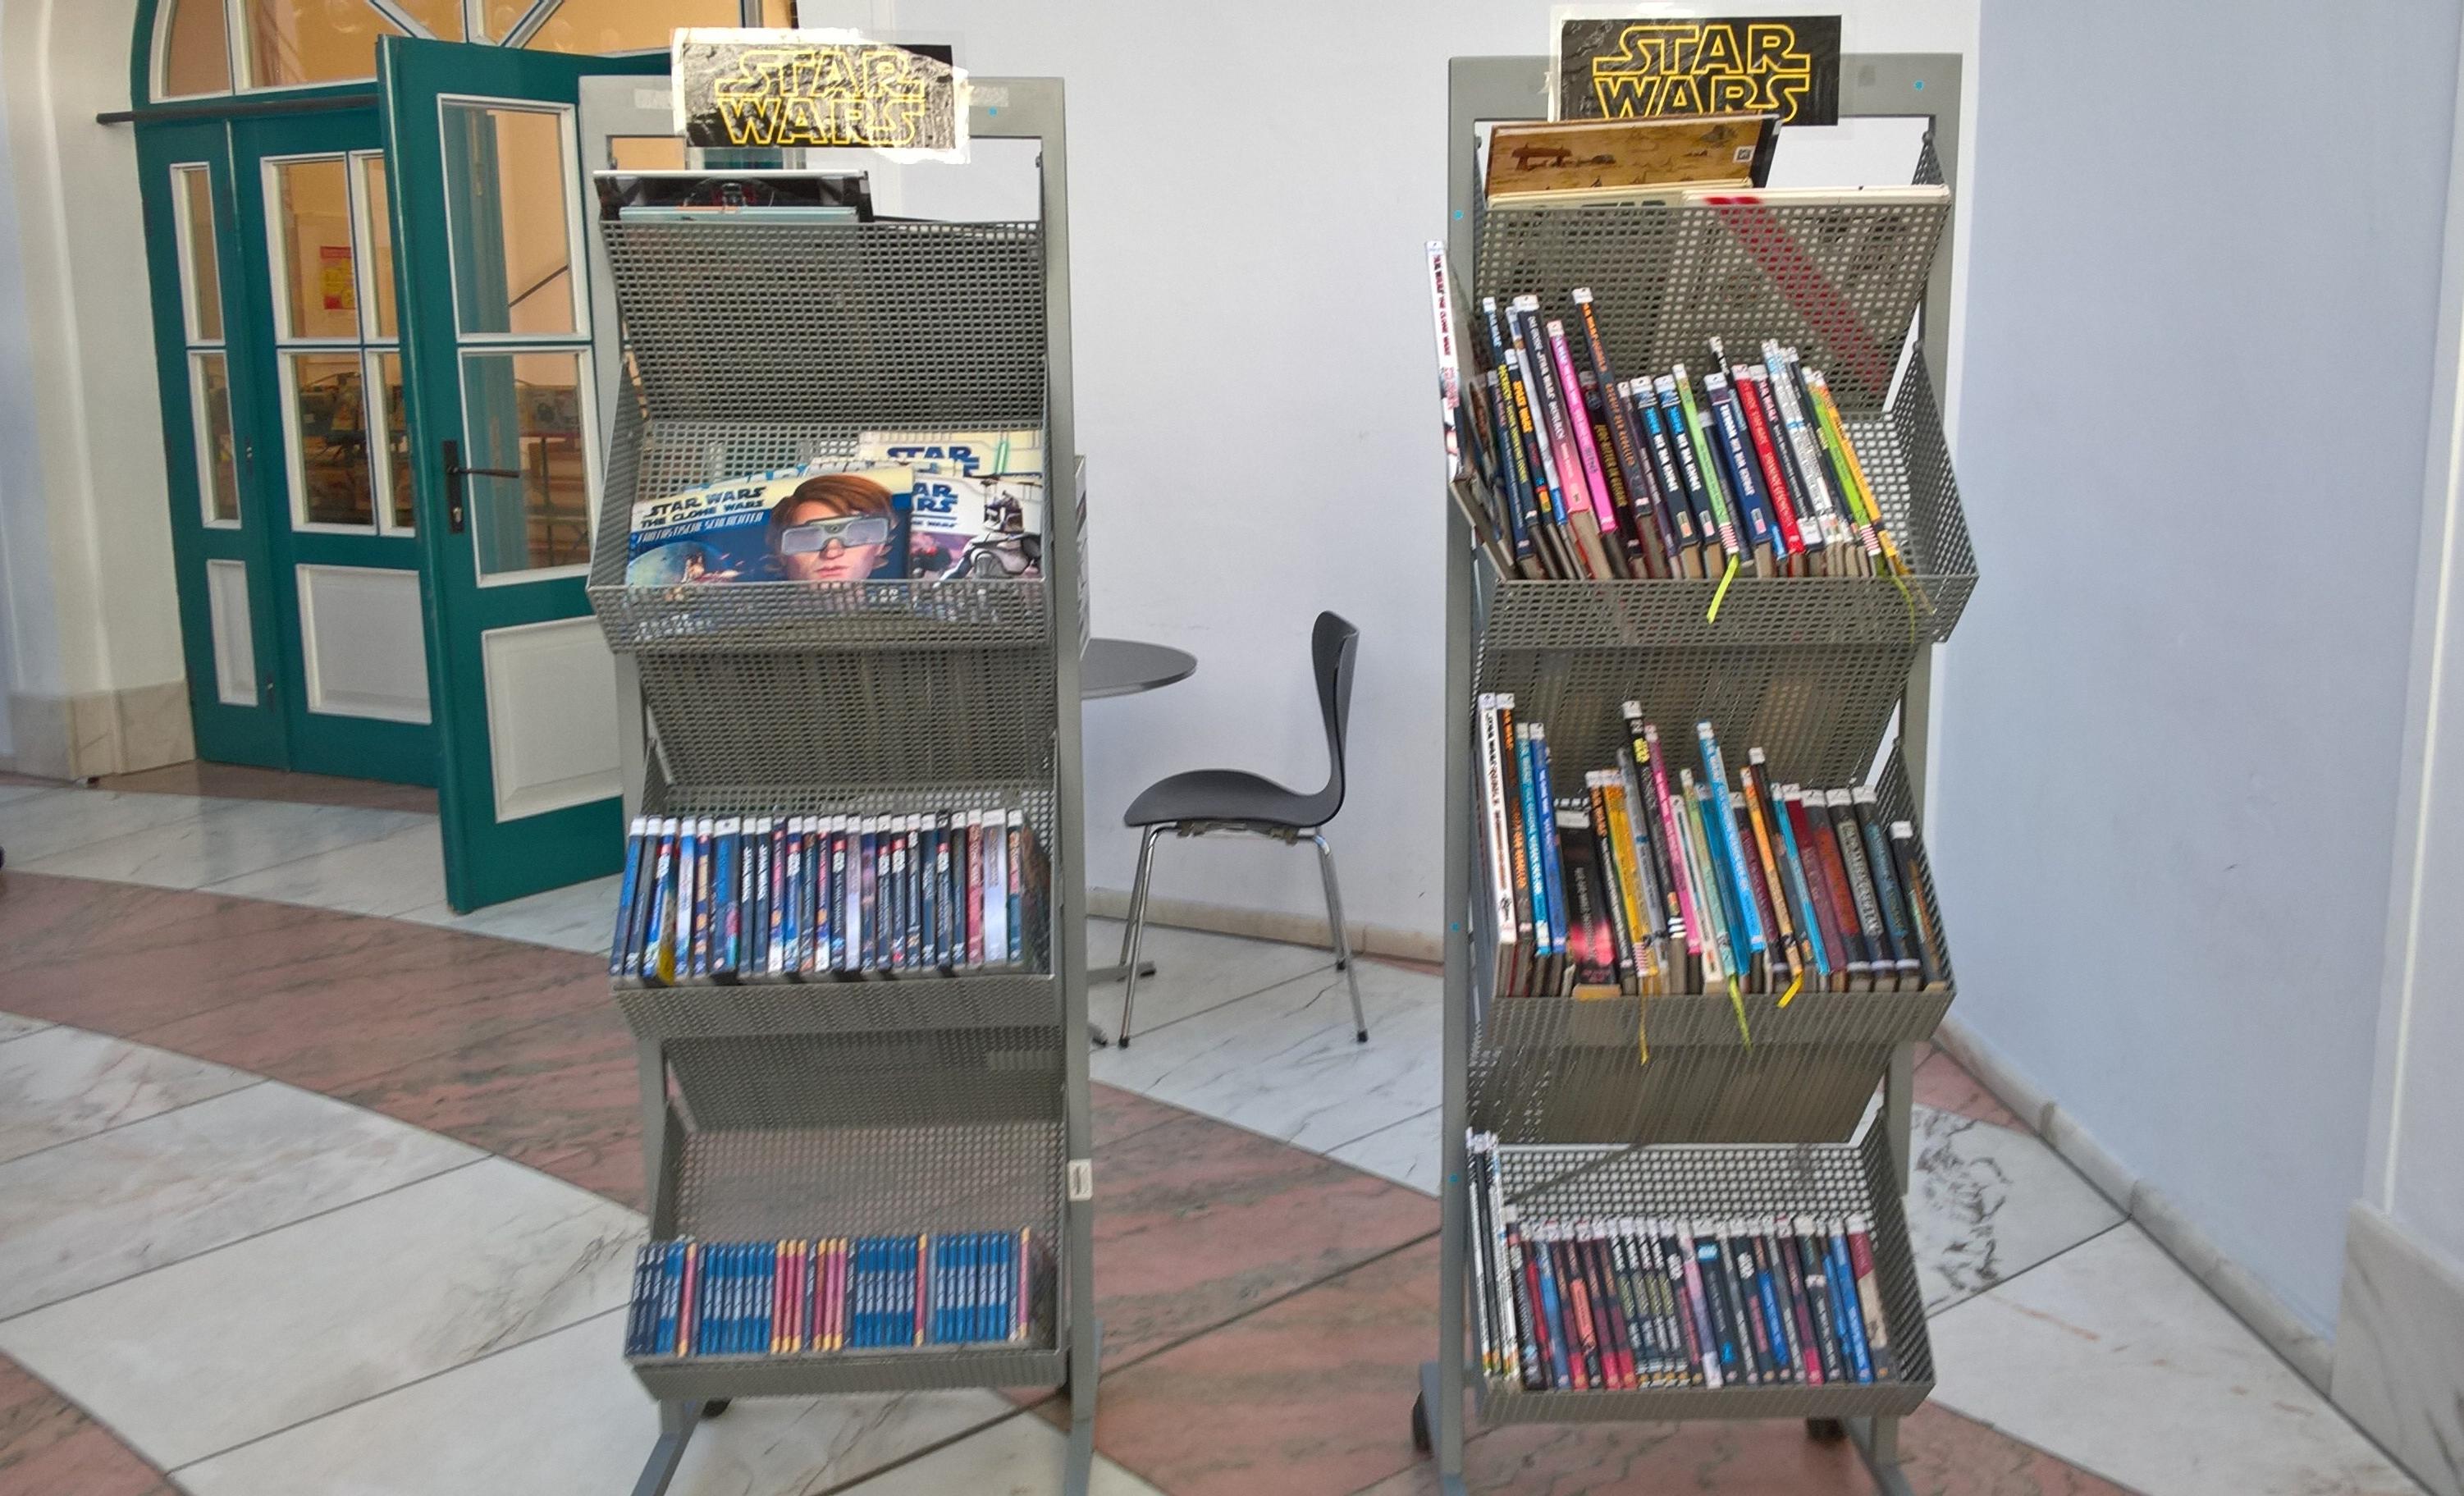 Star Wars Ecke in der Stadtbücherei